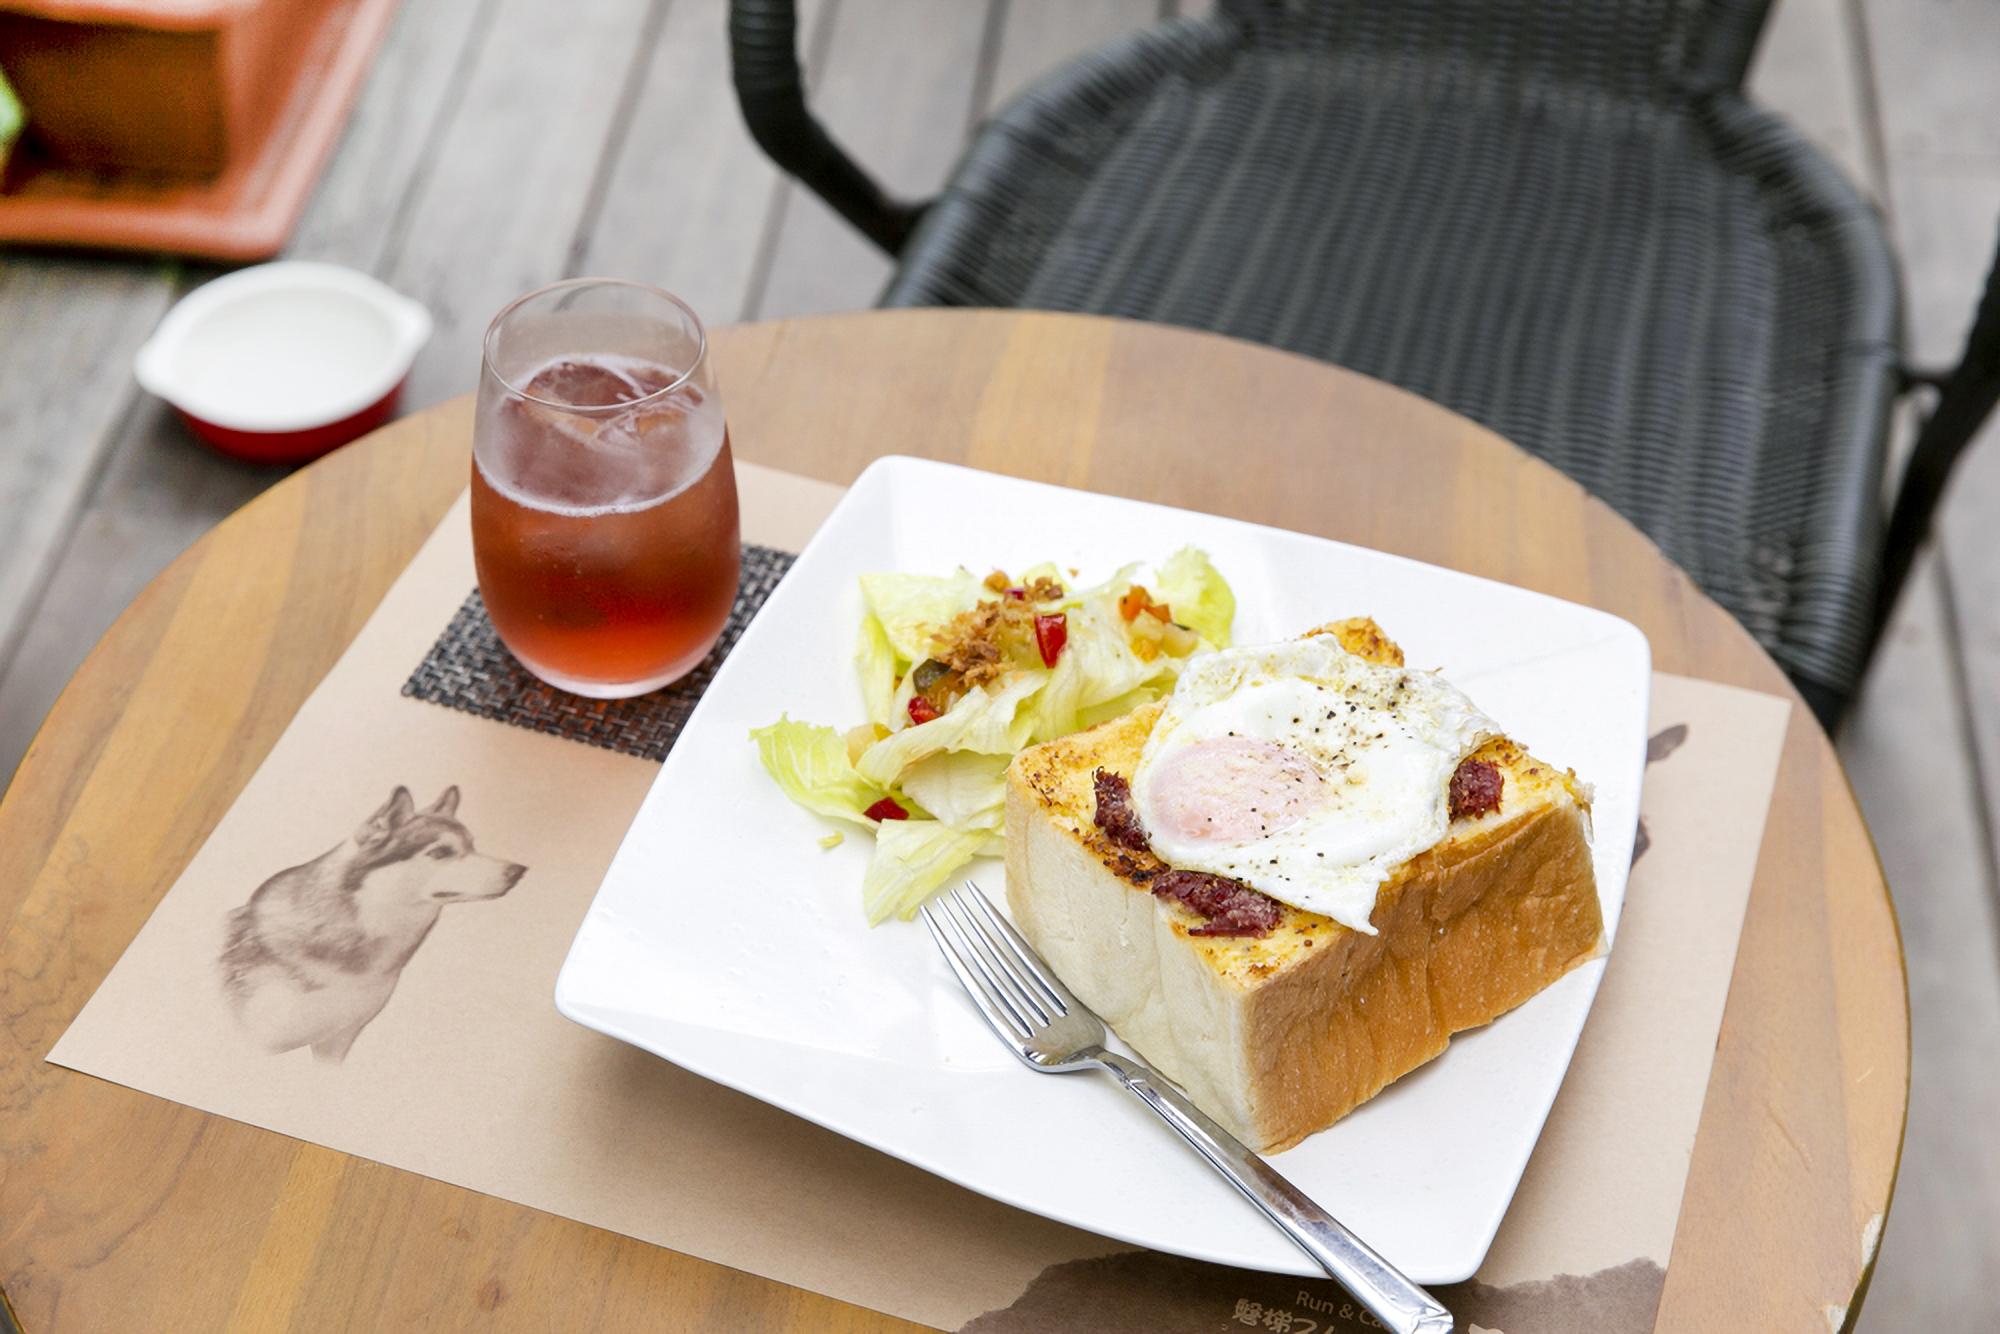 「ラピュタパンセット」1,100円。厚切りのパンにコンビーフと目玉焼きをトッピング